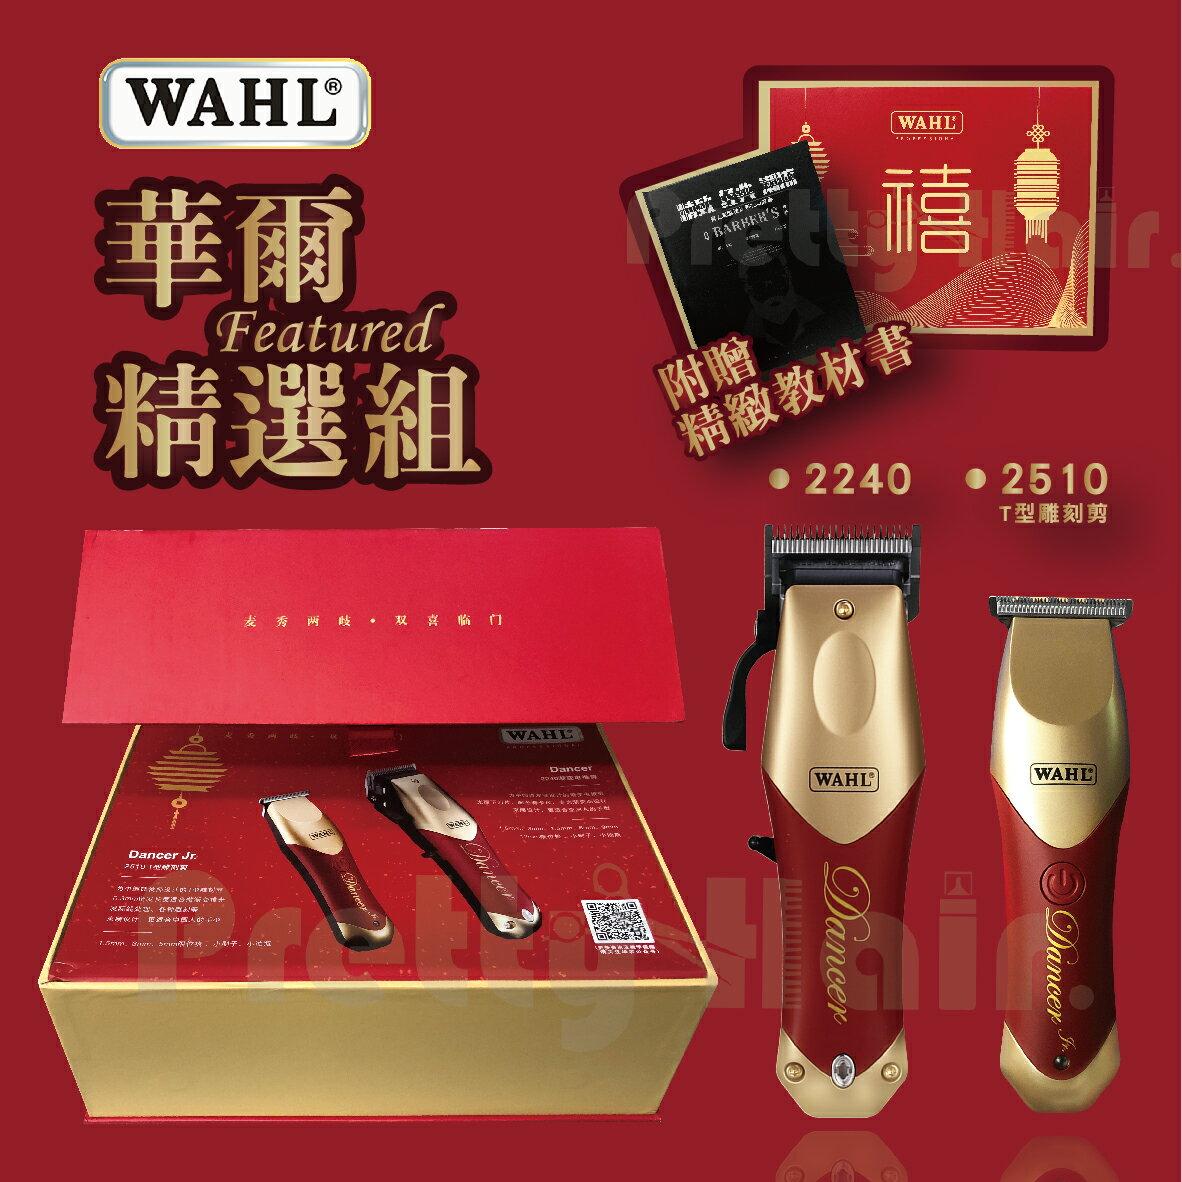 【麗髮苑】WAHL 超值精選組合 WAHL2240 2510 T型雕刻剪 大電剪 電剪 全鋼刀頭 理髮器 雕刻剪